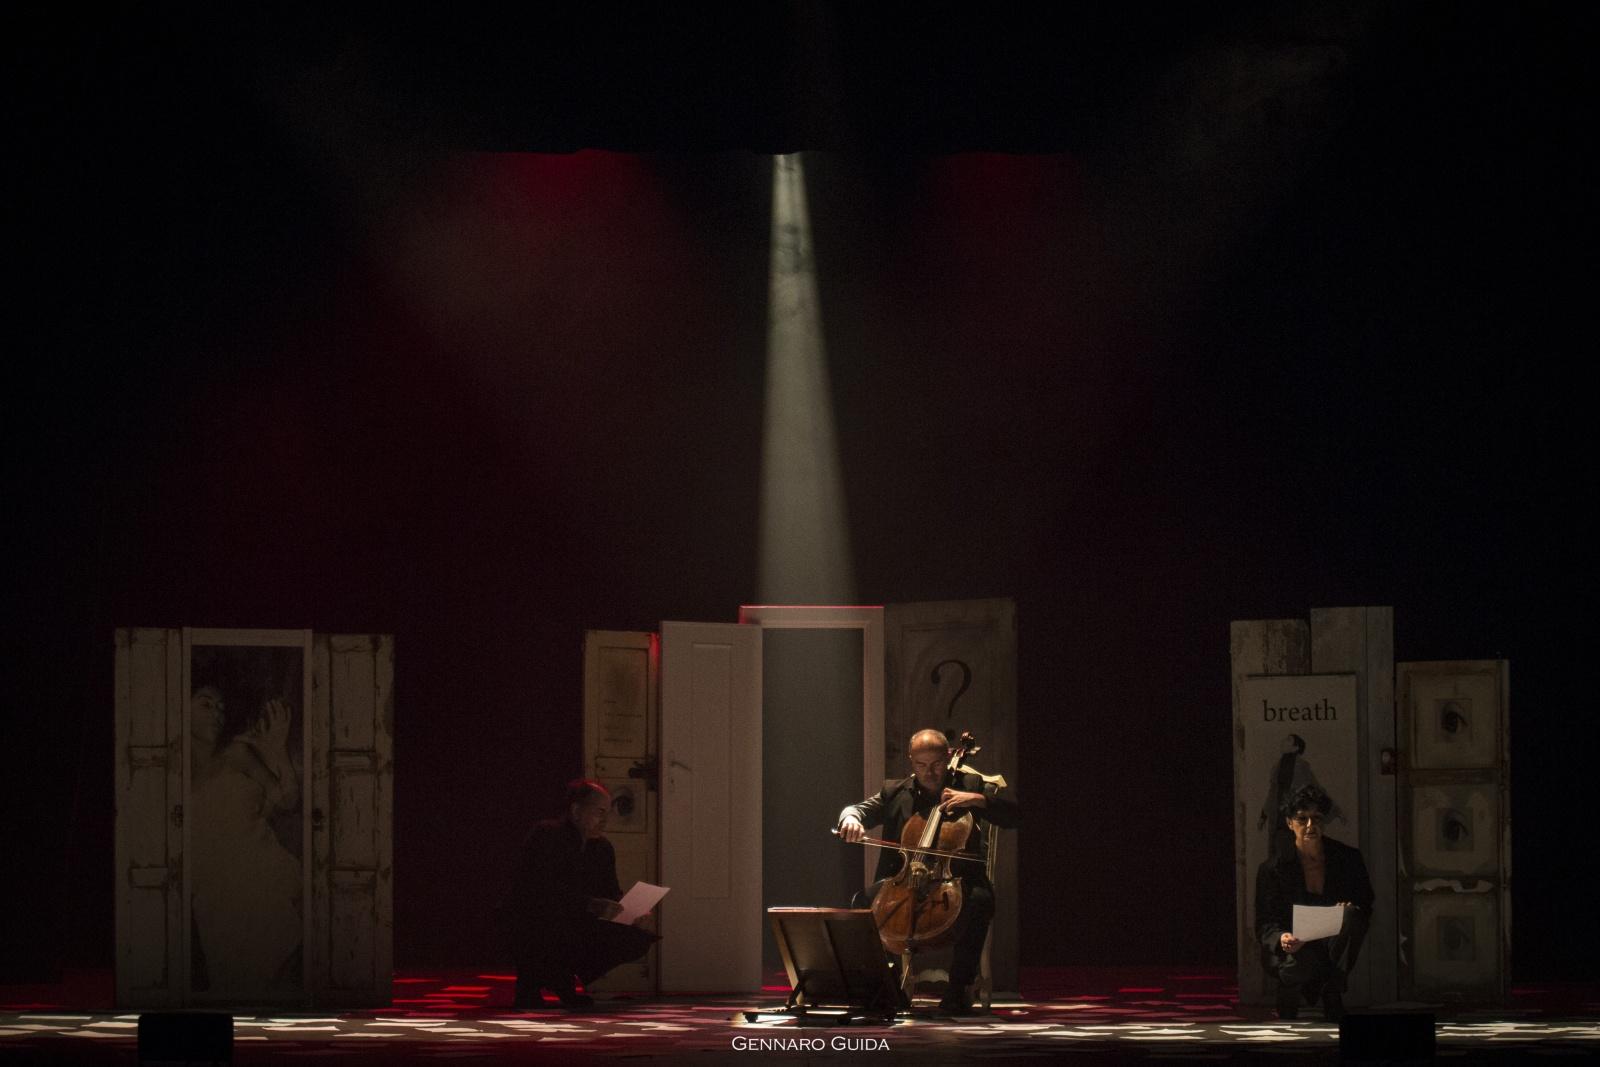 Suonando Shakespeare con Anna Garofalo, Rocco Capri Chiumarulo, Nicola Fiorino